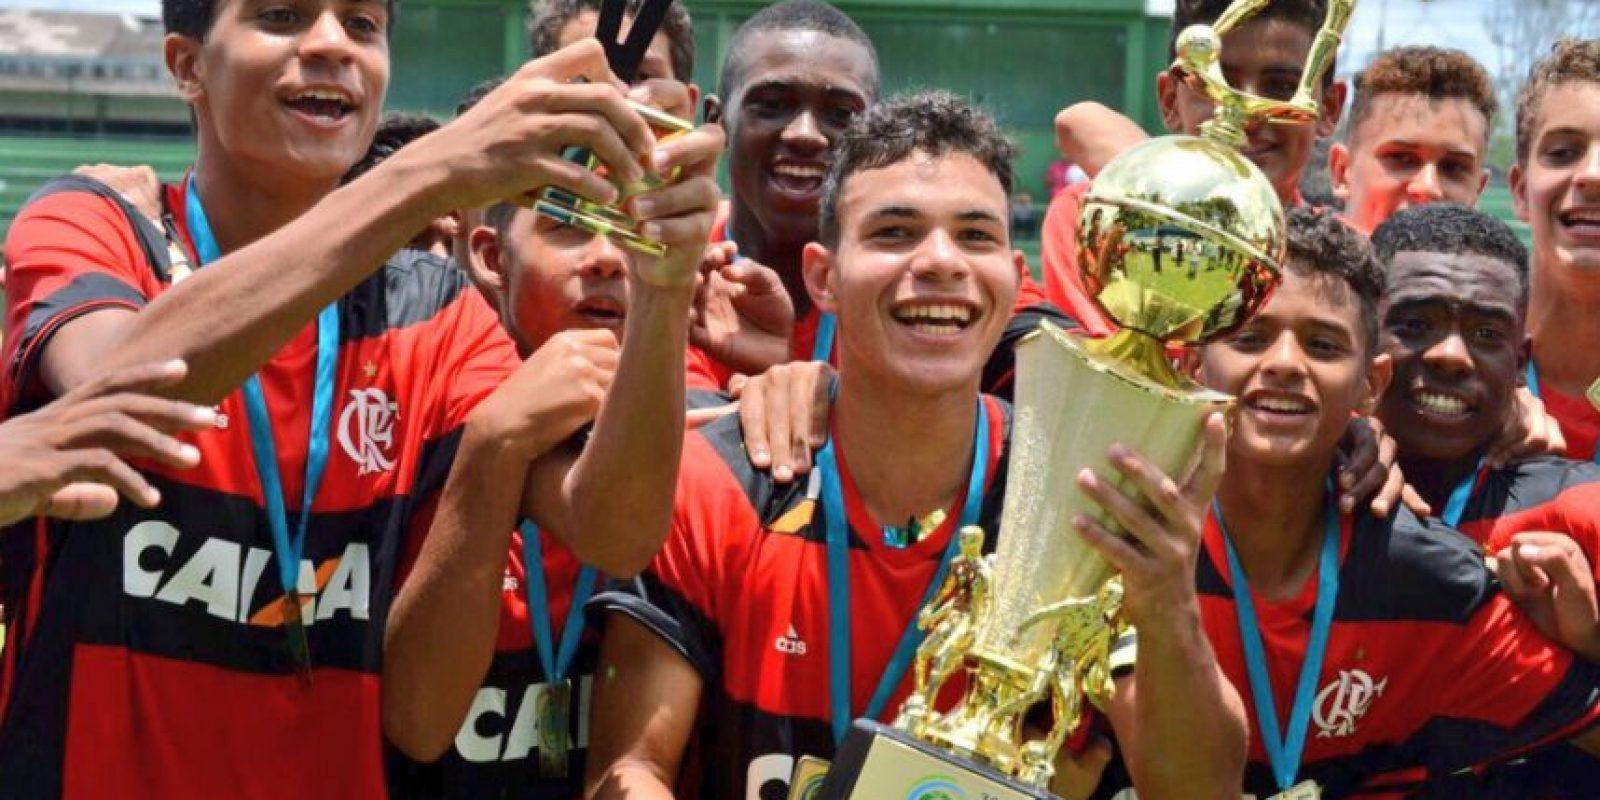 Junto con sus compañeros, Saraiva Valencia celebró con el trofeo como campeón en su categoría. Foto:Marcos Faria – club Flamengo